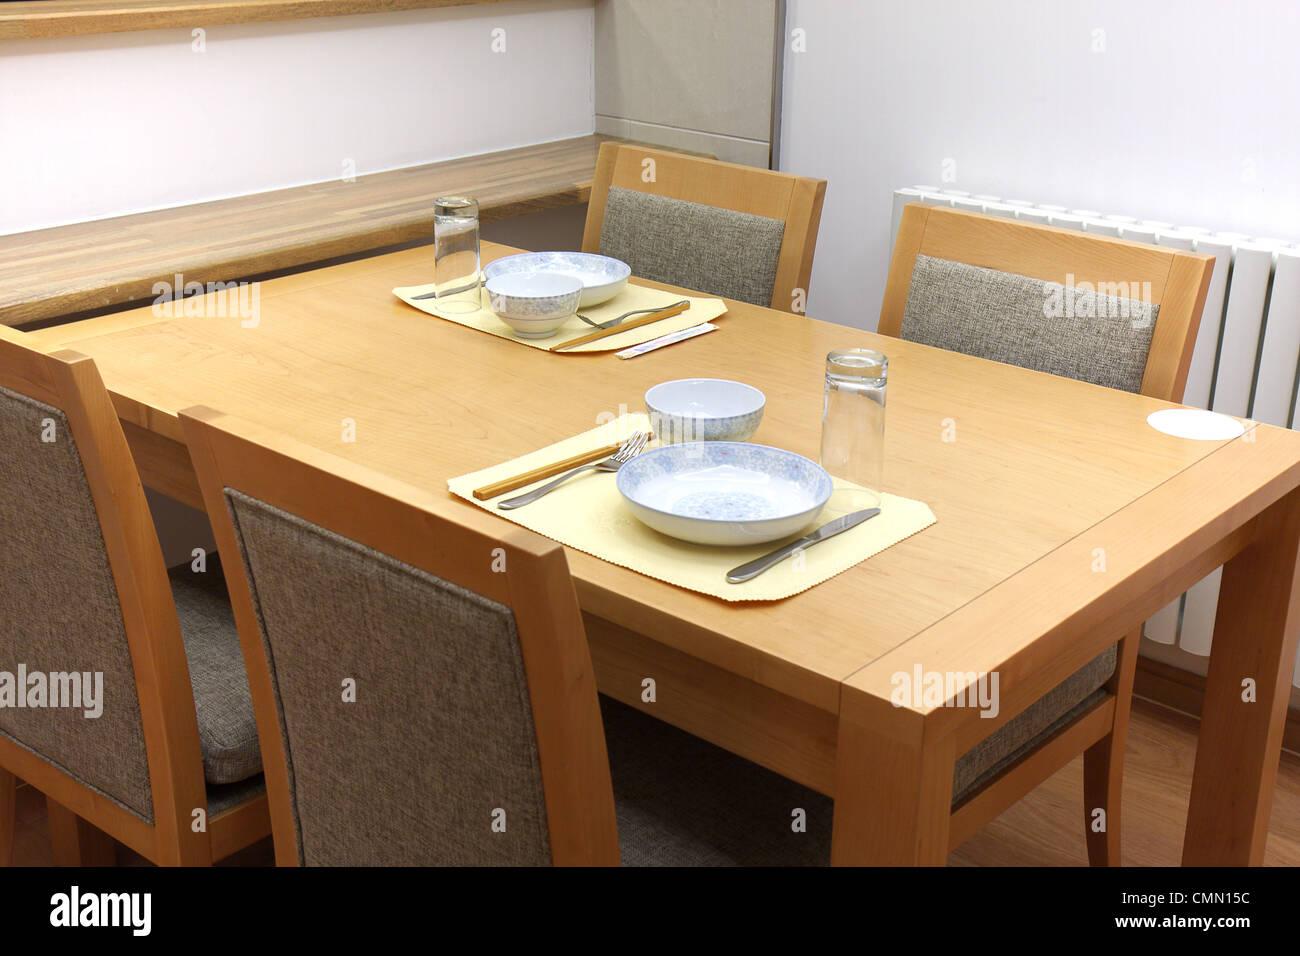 Meubles de salle à manger en bois de style oriental avec des ustensiles. Photo Stock